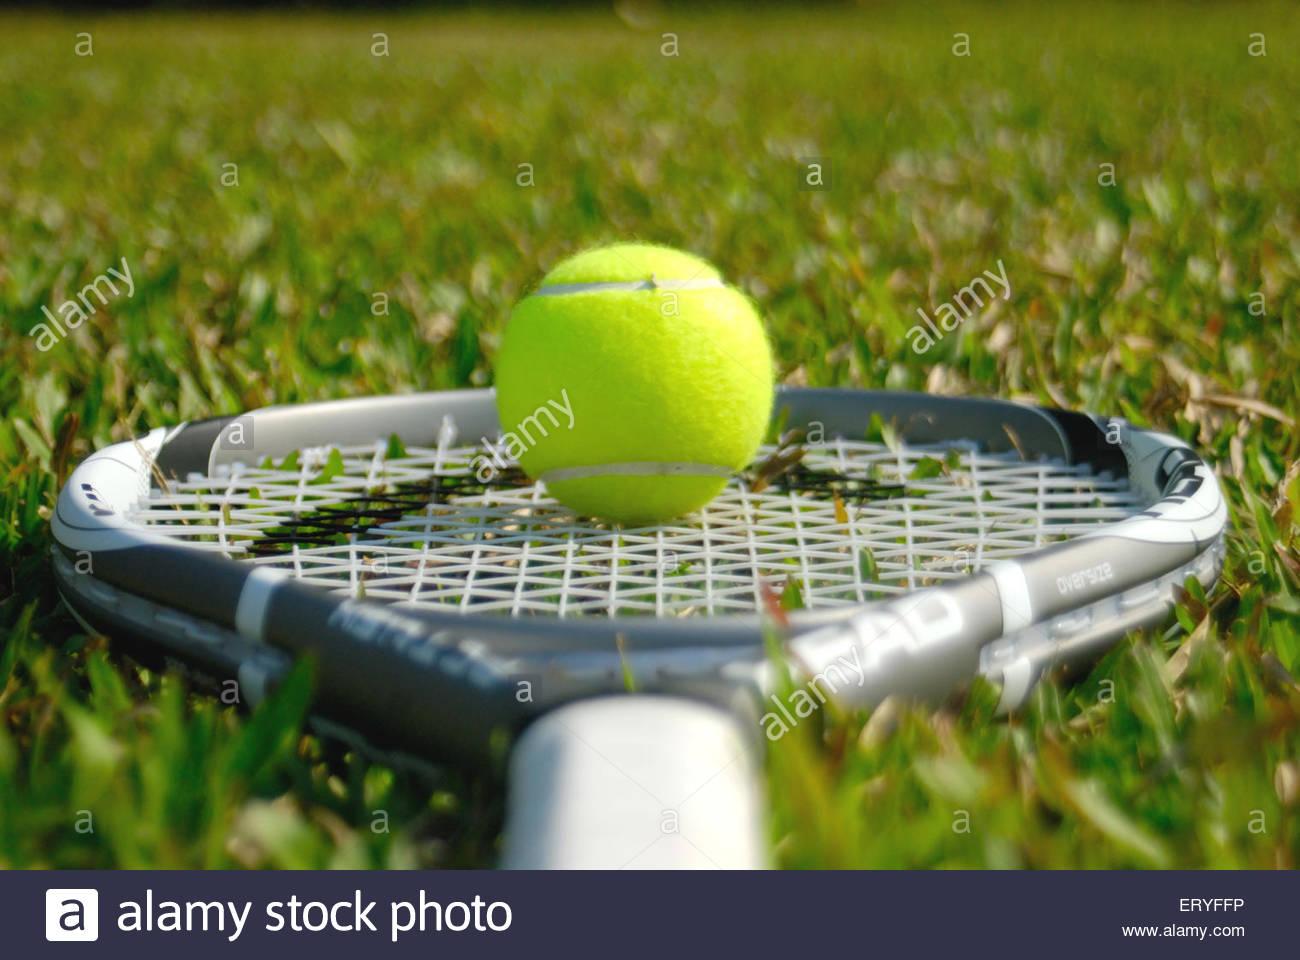 Ball auf Tennisschläger liegend auf dem üppigen grünen Rasen 2009 gehalten Stockbild